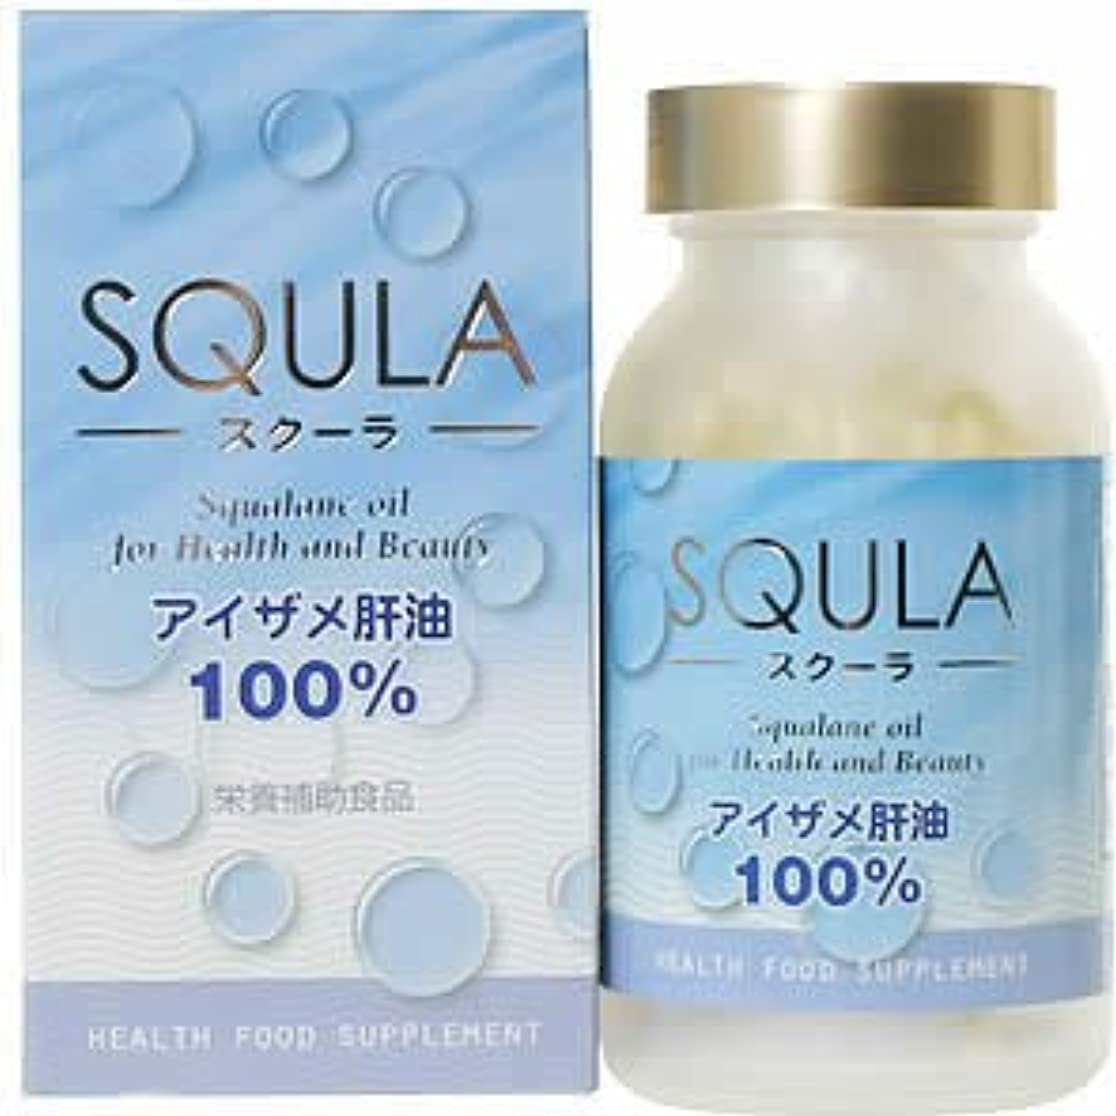 マットウォーターフロント収穫京都栄養 スクーラ アイザメ肝油 180粒